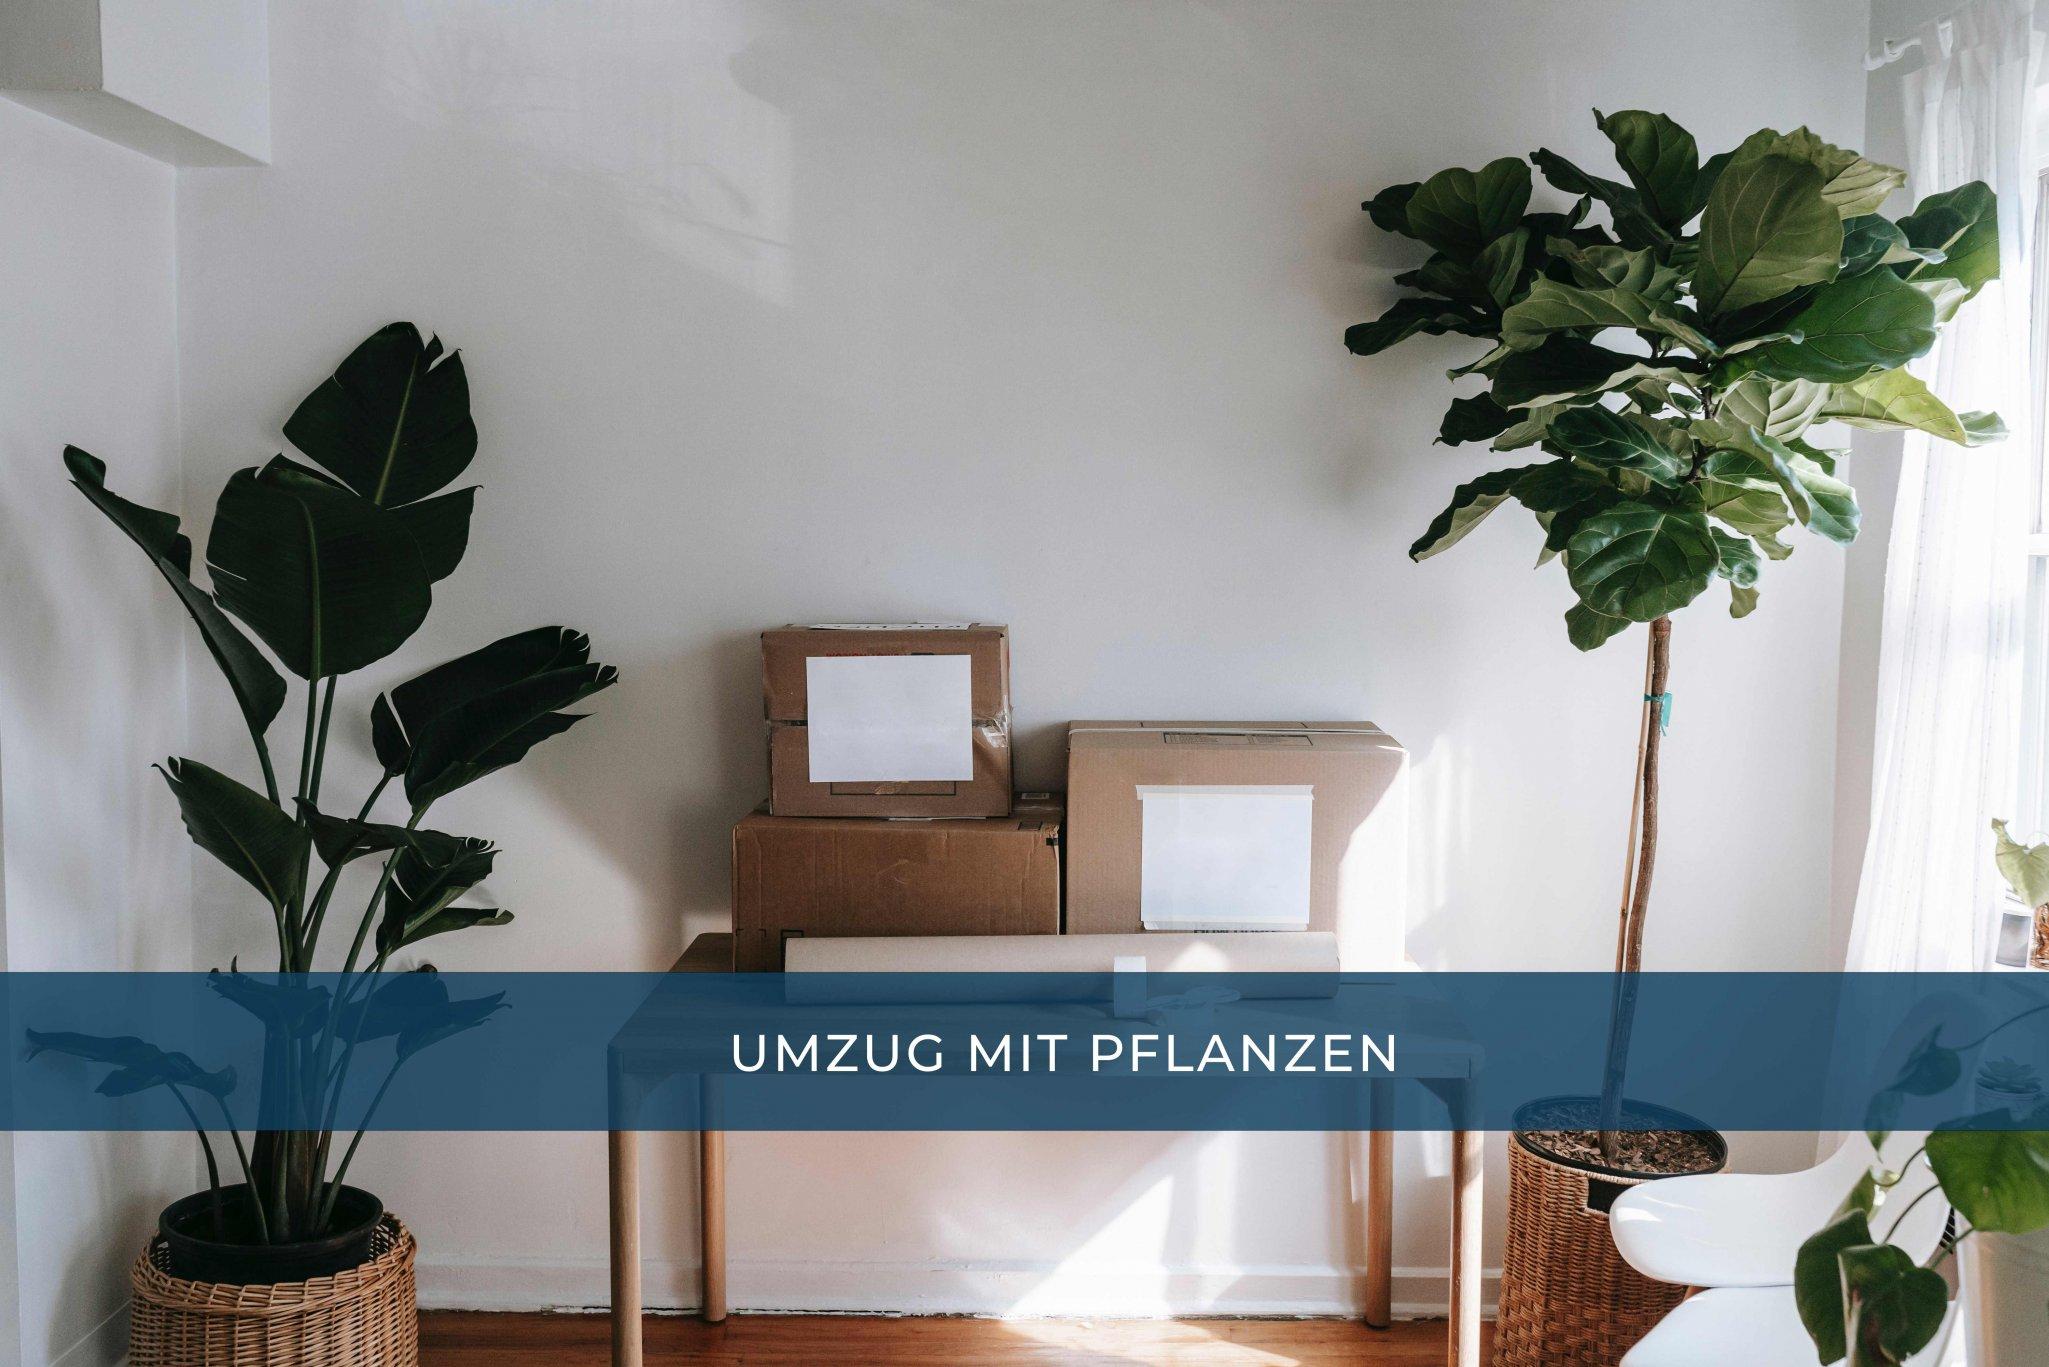 umzug_mit_pflanzen_0f283.jpg